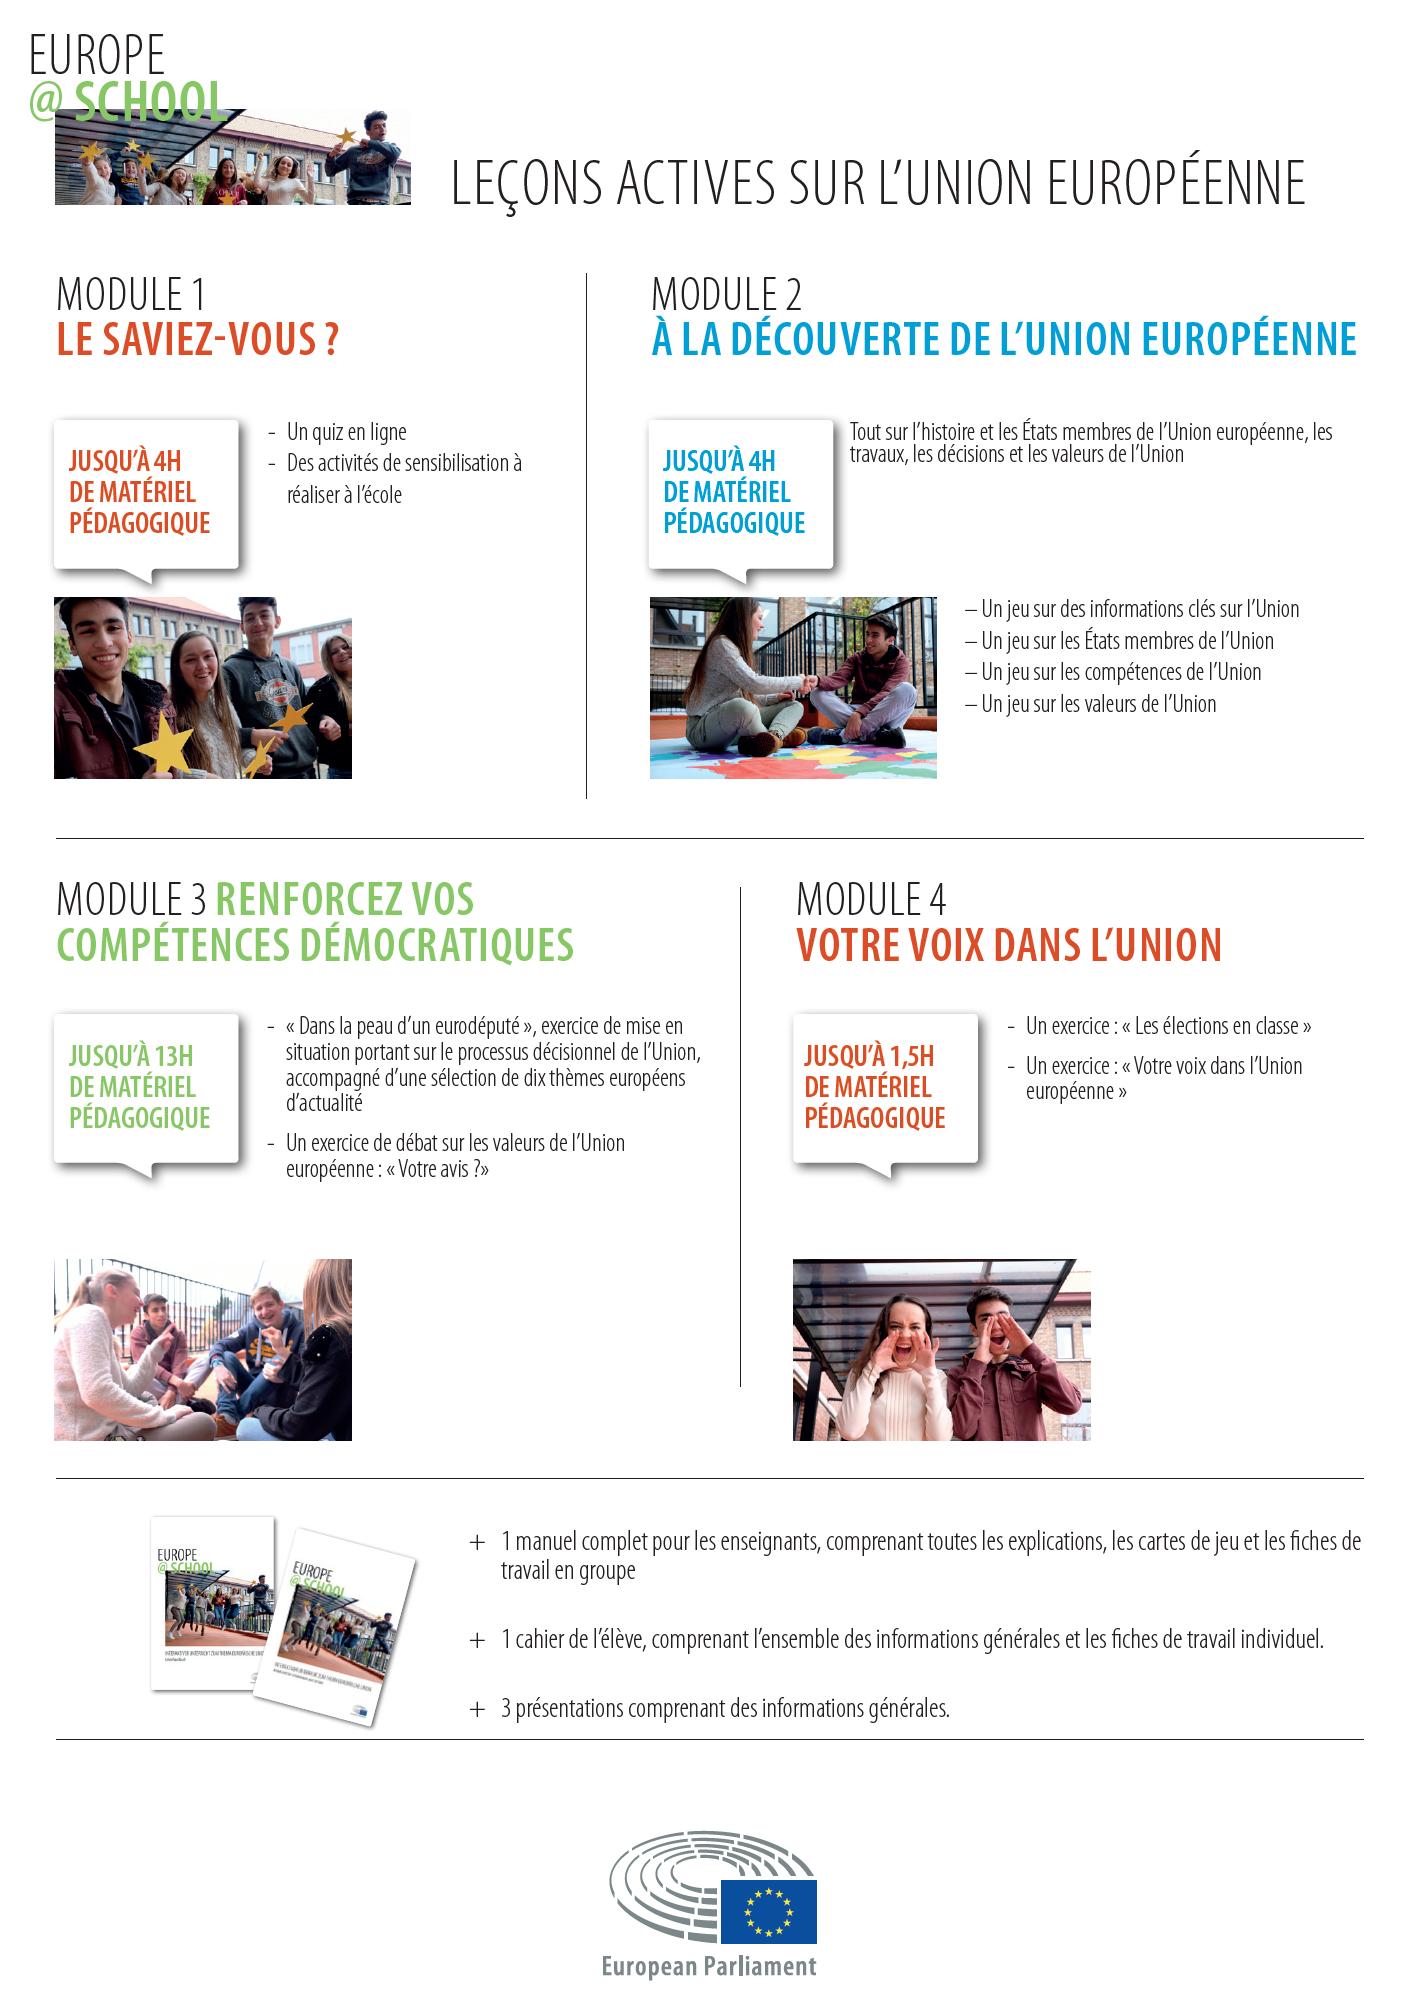 Europe@school - Leçons Actives Sur L'union Européenne | Coin tout Jeux Union Européenne